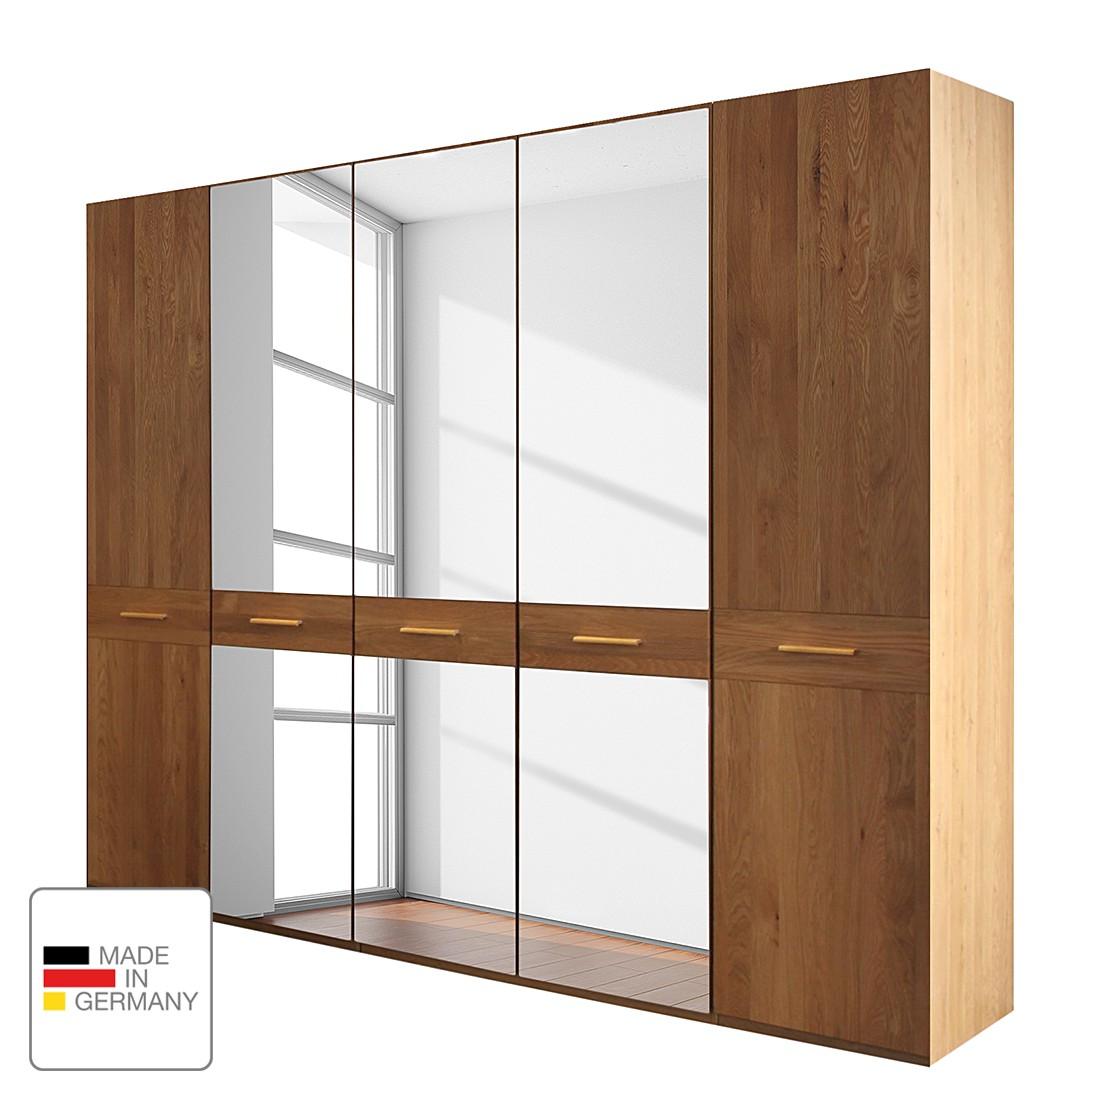 Draaideurkast Faro - gelakt deels massief eikenhout - 250cm (5-deurs) - 3 spiegeldeuren - Zonder Passe-partout lijst, Wiemann